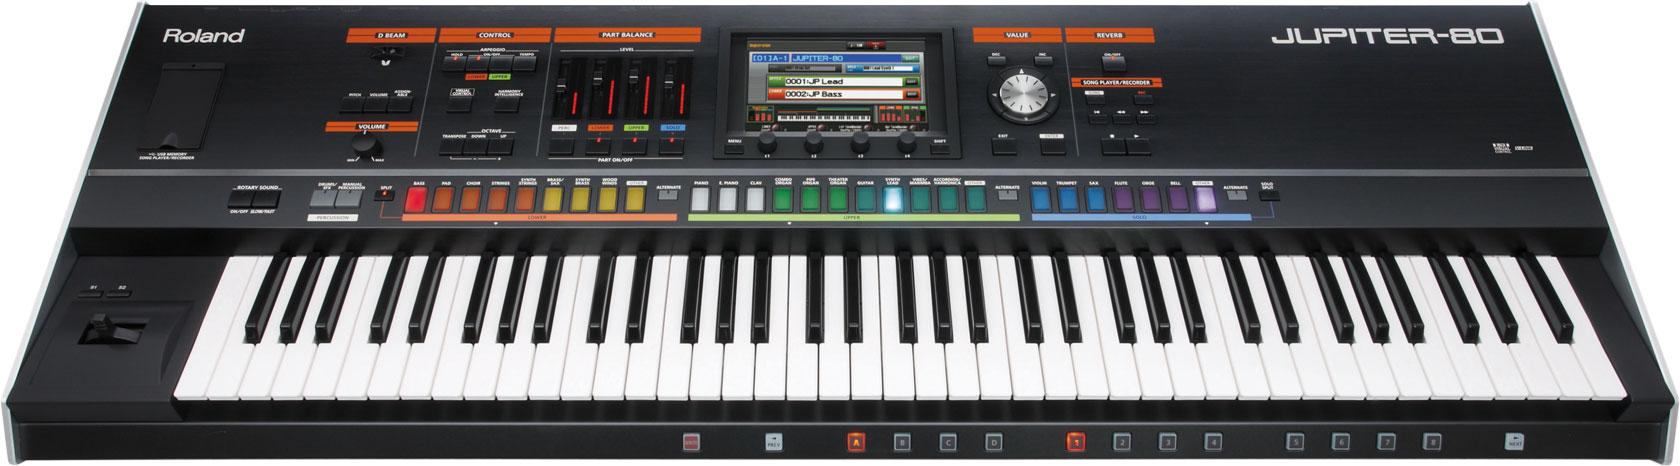 Roland - JUPITER-80   Synthesizer